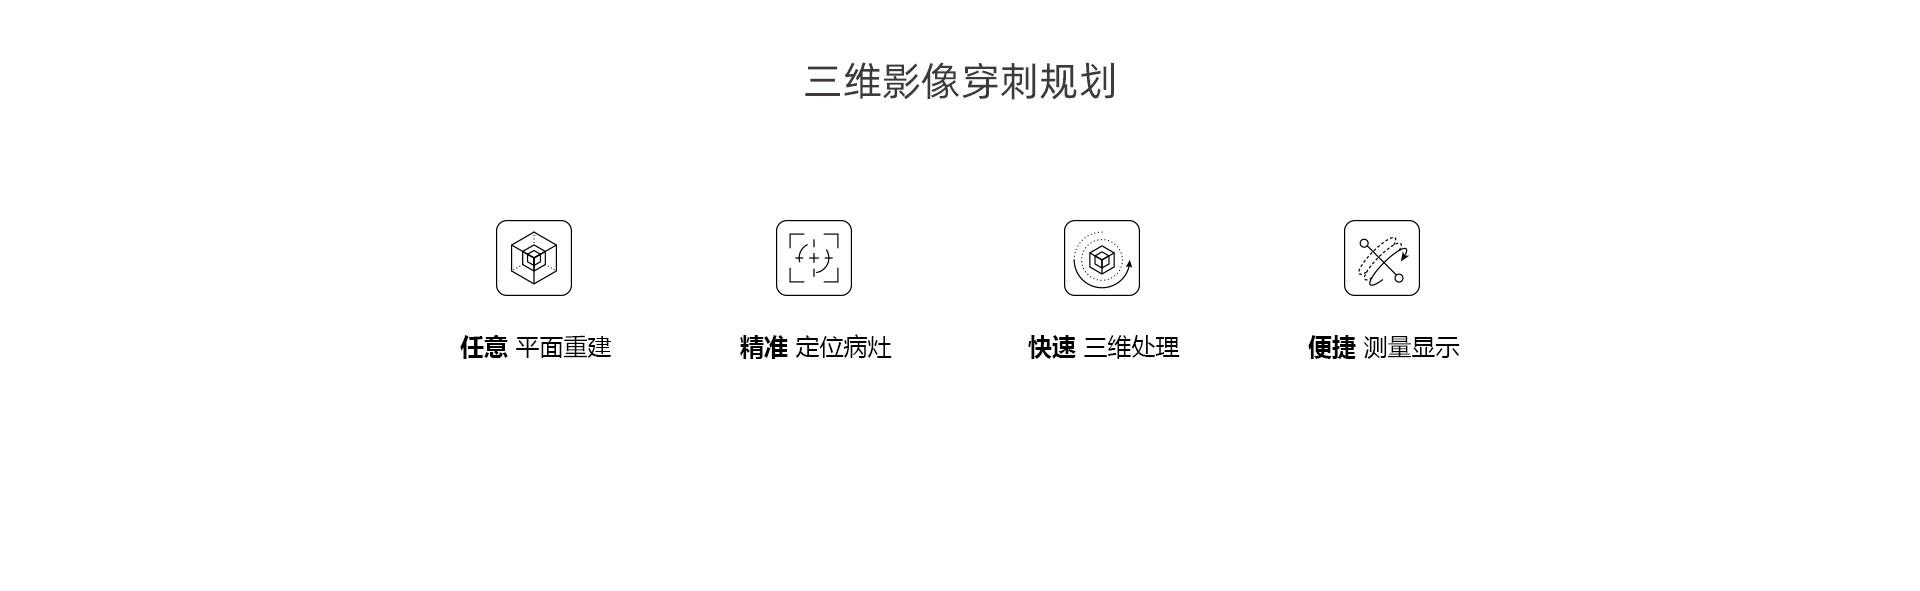 (影像介入)CT介入手术移动工作站_06.jpg